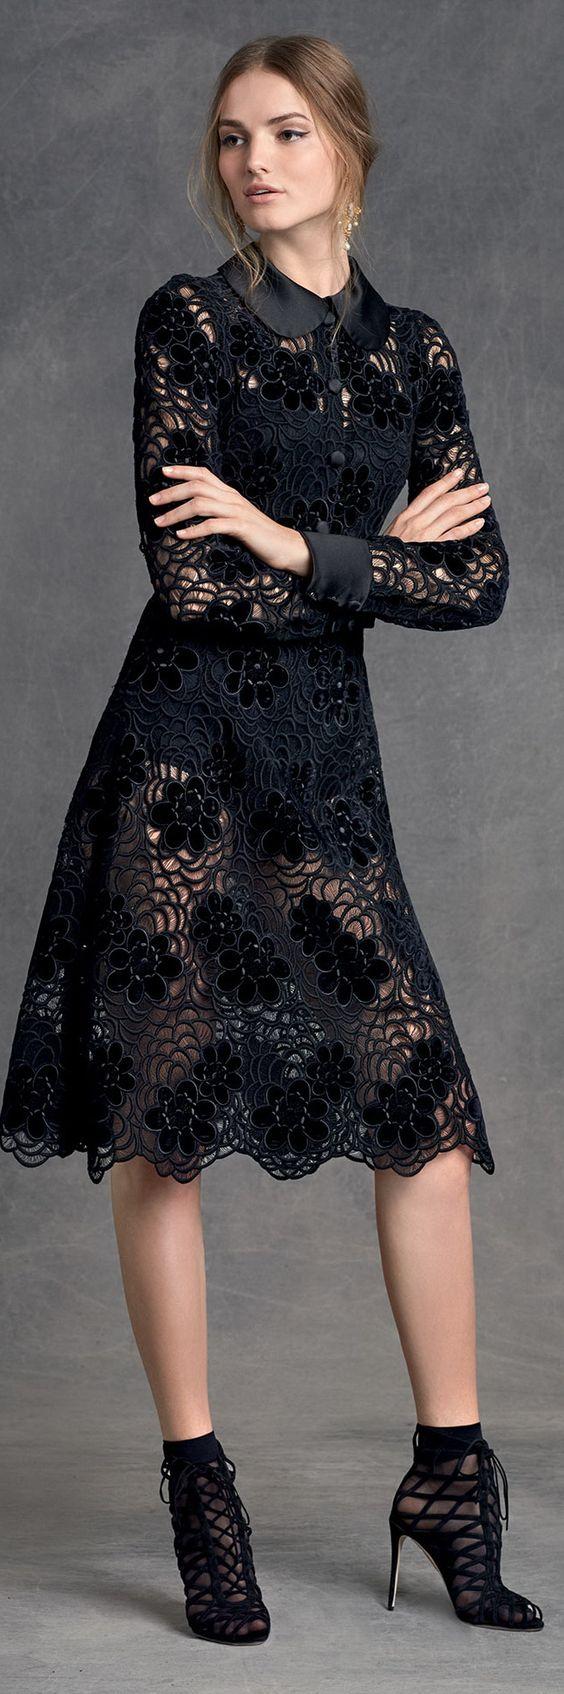 D g black lace dress and shoes best dress ideas pinterest d